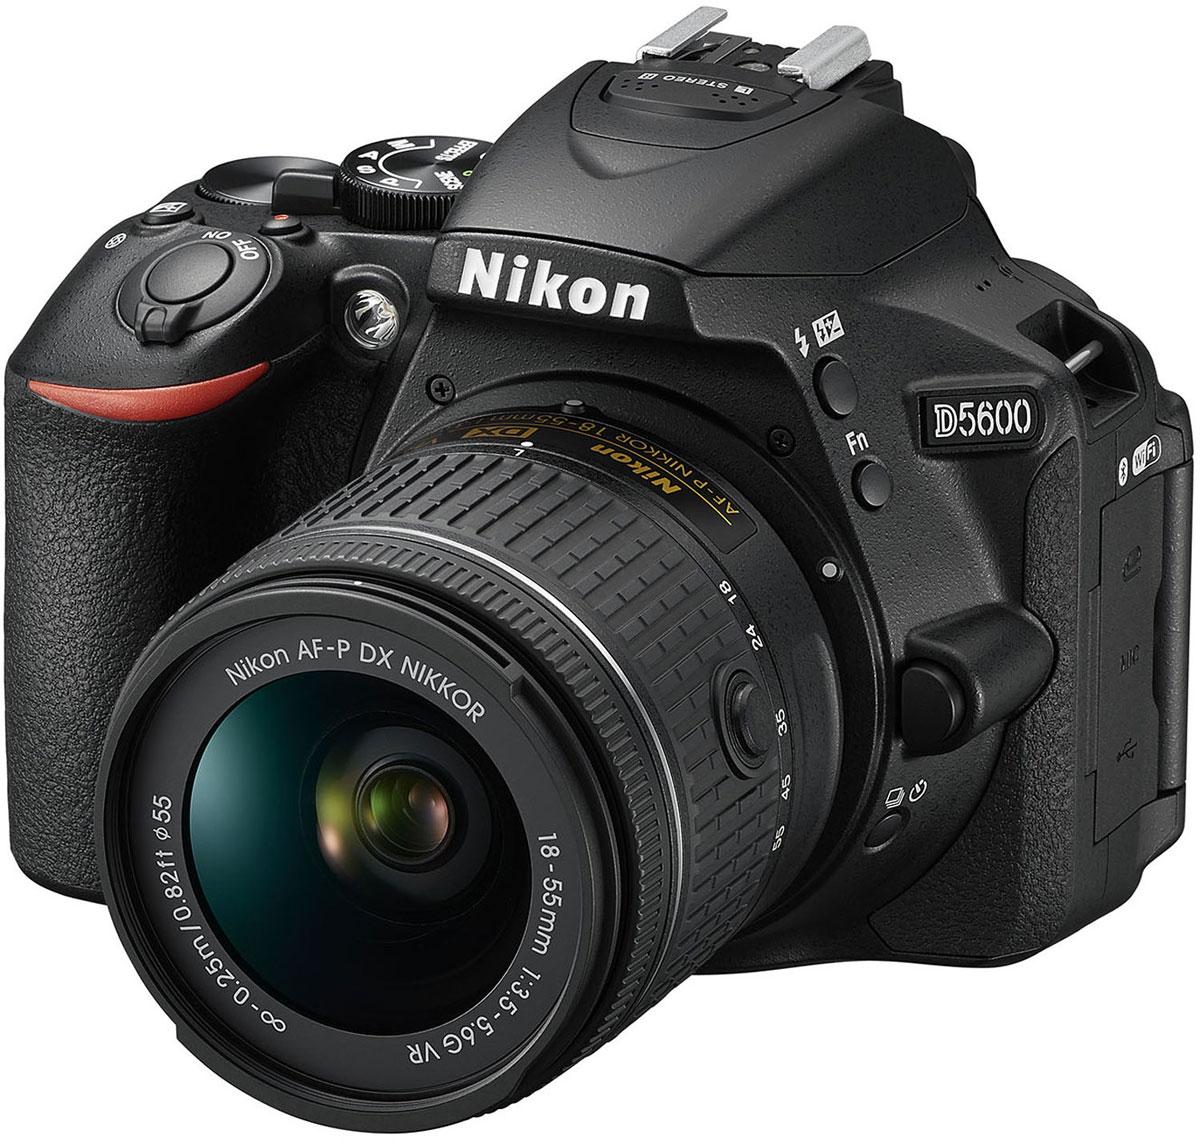 Nikon D5600 Kit 18-55 VR, Black цифровая зеркальная камераVBA500K001Следуйте за своим вдохновением, вооружившись фотокамерой Nikon D5600 с постоянным подключением. Фотокамера D5600, оснащенная большой матрицей формата DX с разрешением 24,2 млн пикселей, может четко воспроизводить тончайшие текстуры и создавать изображения с потрясающей детализацией. Ваши друзья и подписчики в социальных сетях увидят на каждом снимке именно то, что вы хотели показать. Диапазон чувствительности 100–25 600 единиц ISO и расширенная до 6400 единиц ISO чувствительность в режиме Ночной пейзаж позволяет с легкостью получать отличные результаты при недостаточной освещенности и сложных условиях освещения. Система обработки изображений EXPEED 4 обеспечивает превосходное понижение шума даже при высоких значениях чувствительности ISO. А благодаря широкому выбору сменных объективов NIKKOR вы сможете с легкостью создавать изображения с эффектно размытым фоном и богатыми тональными оттенками. Революционное приложение...